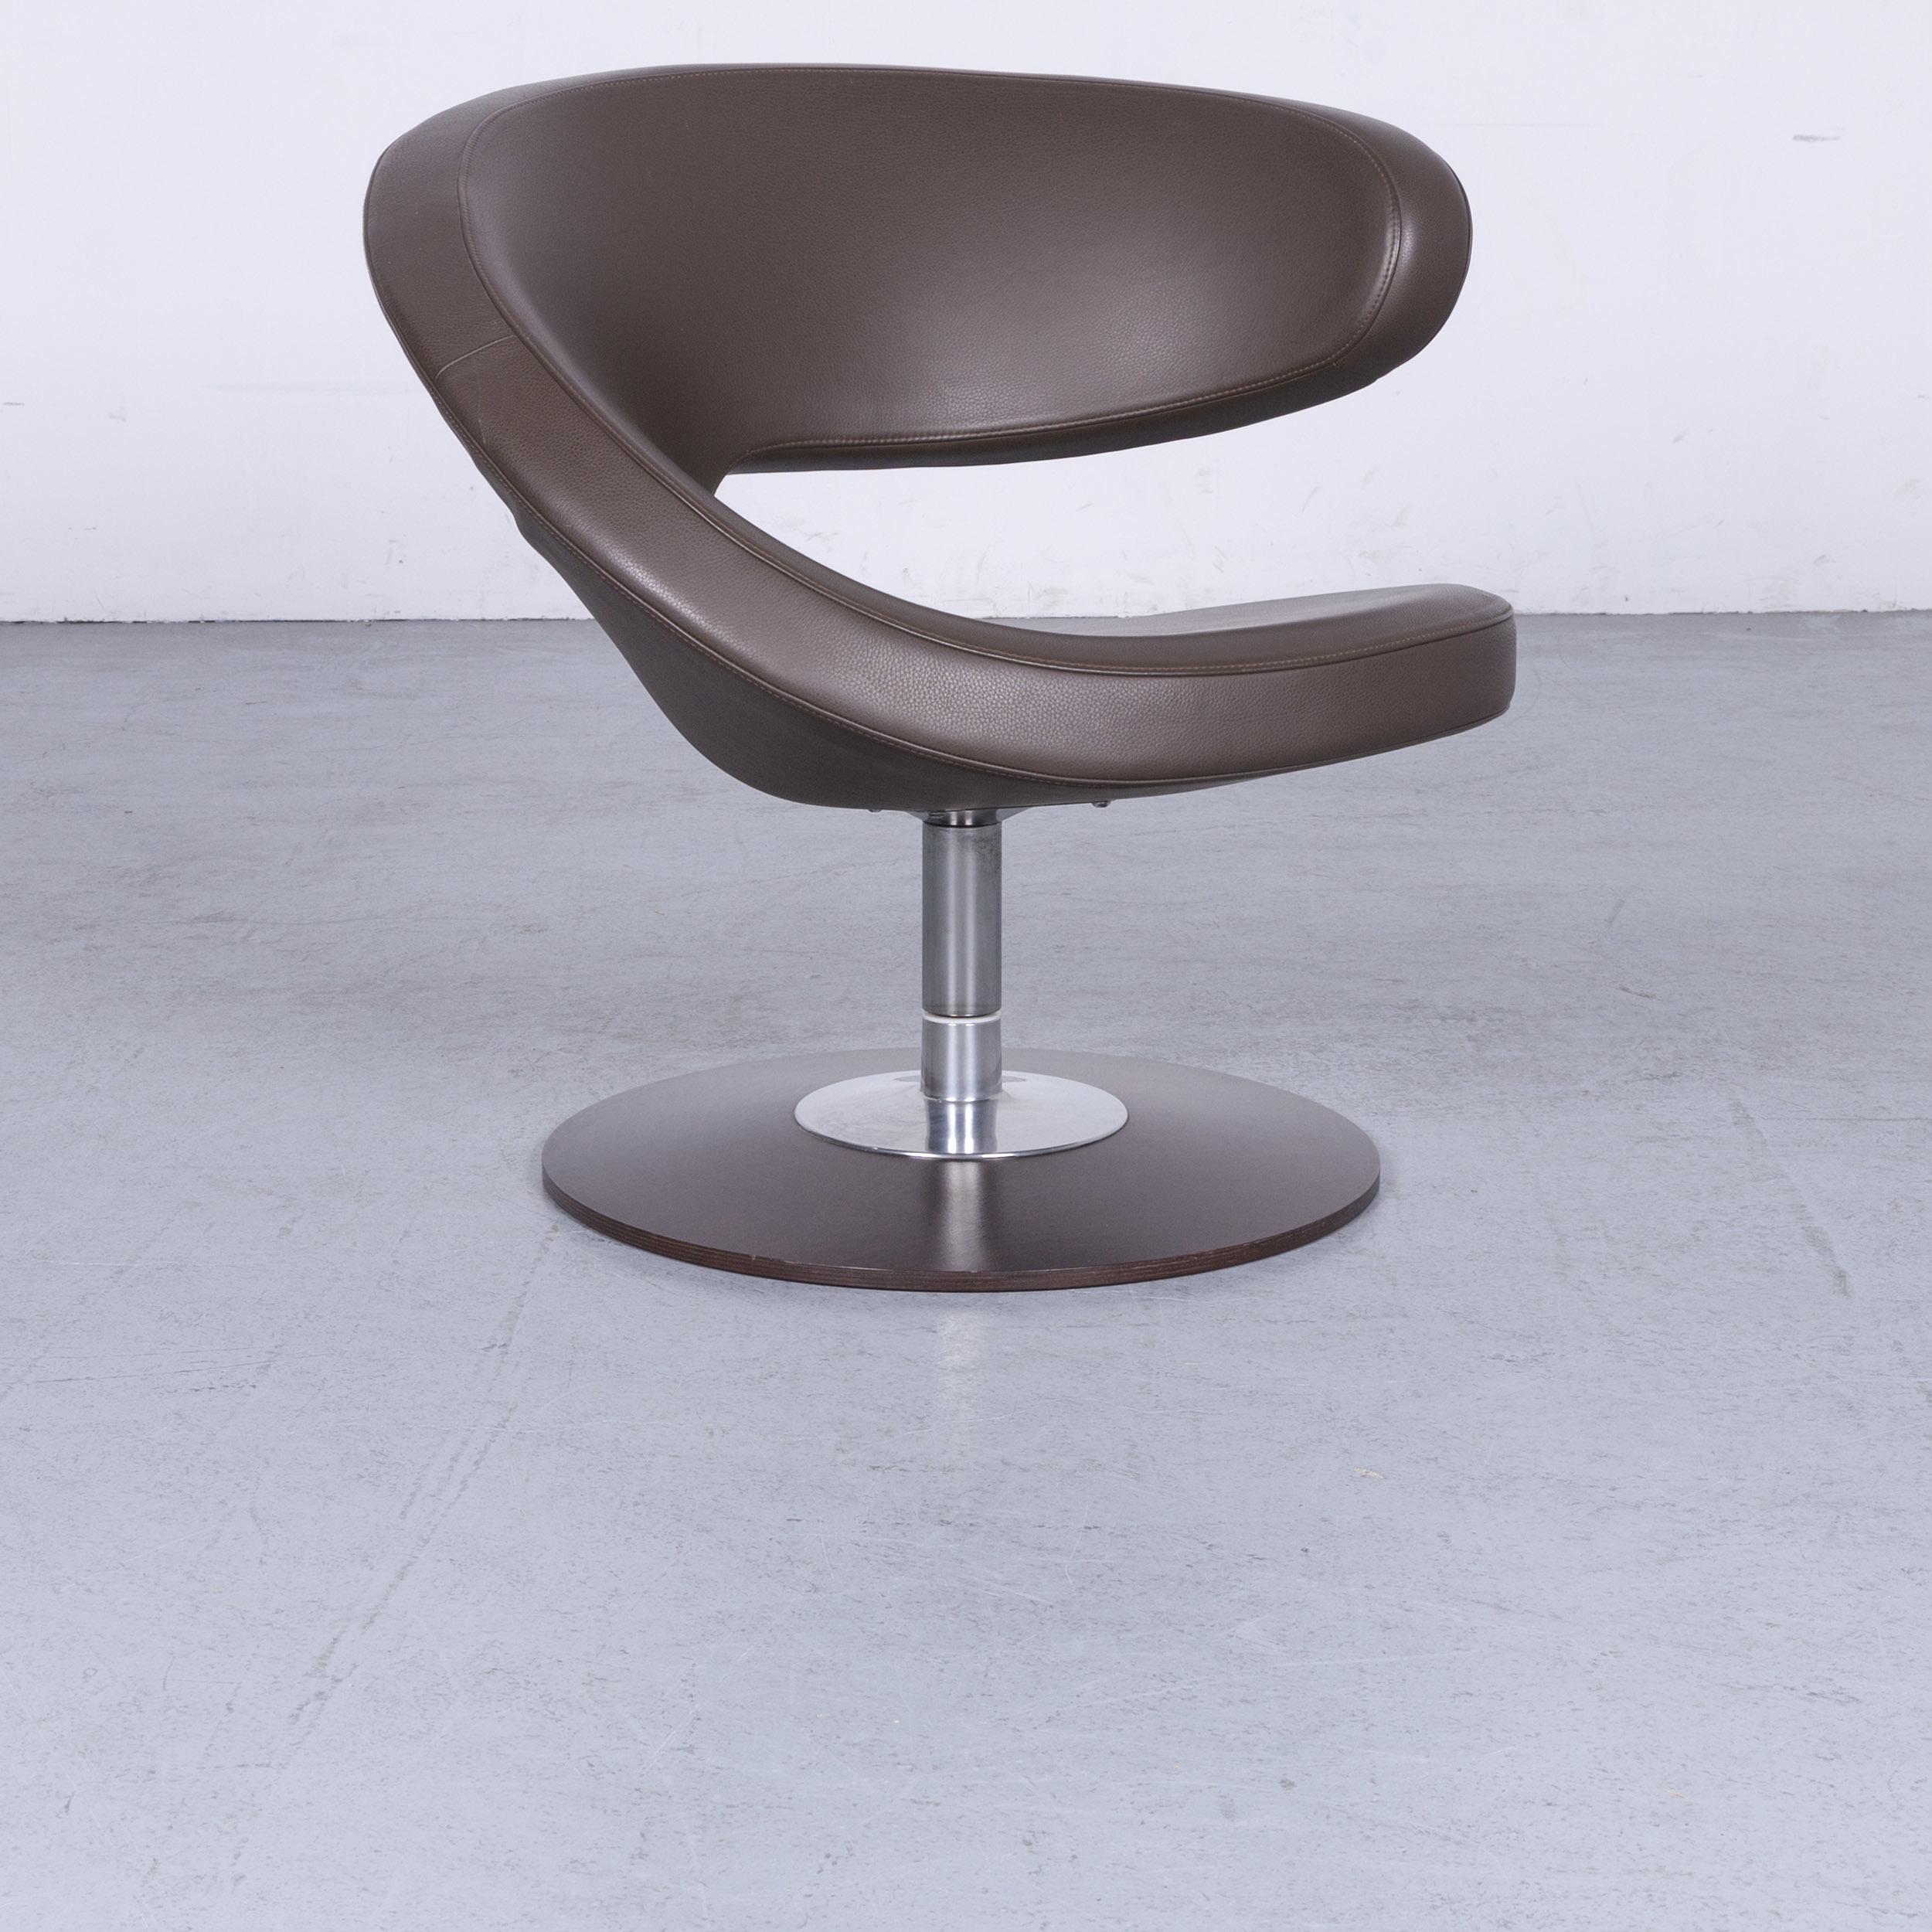 Poltrona Varier Peel.Varier Peel Designer Leather Armchair Brown Genuine Leather Chair 6580